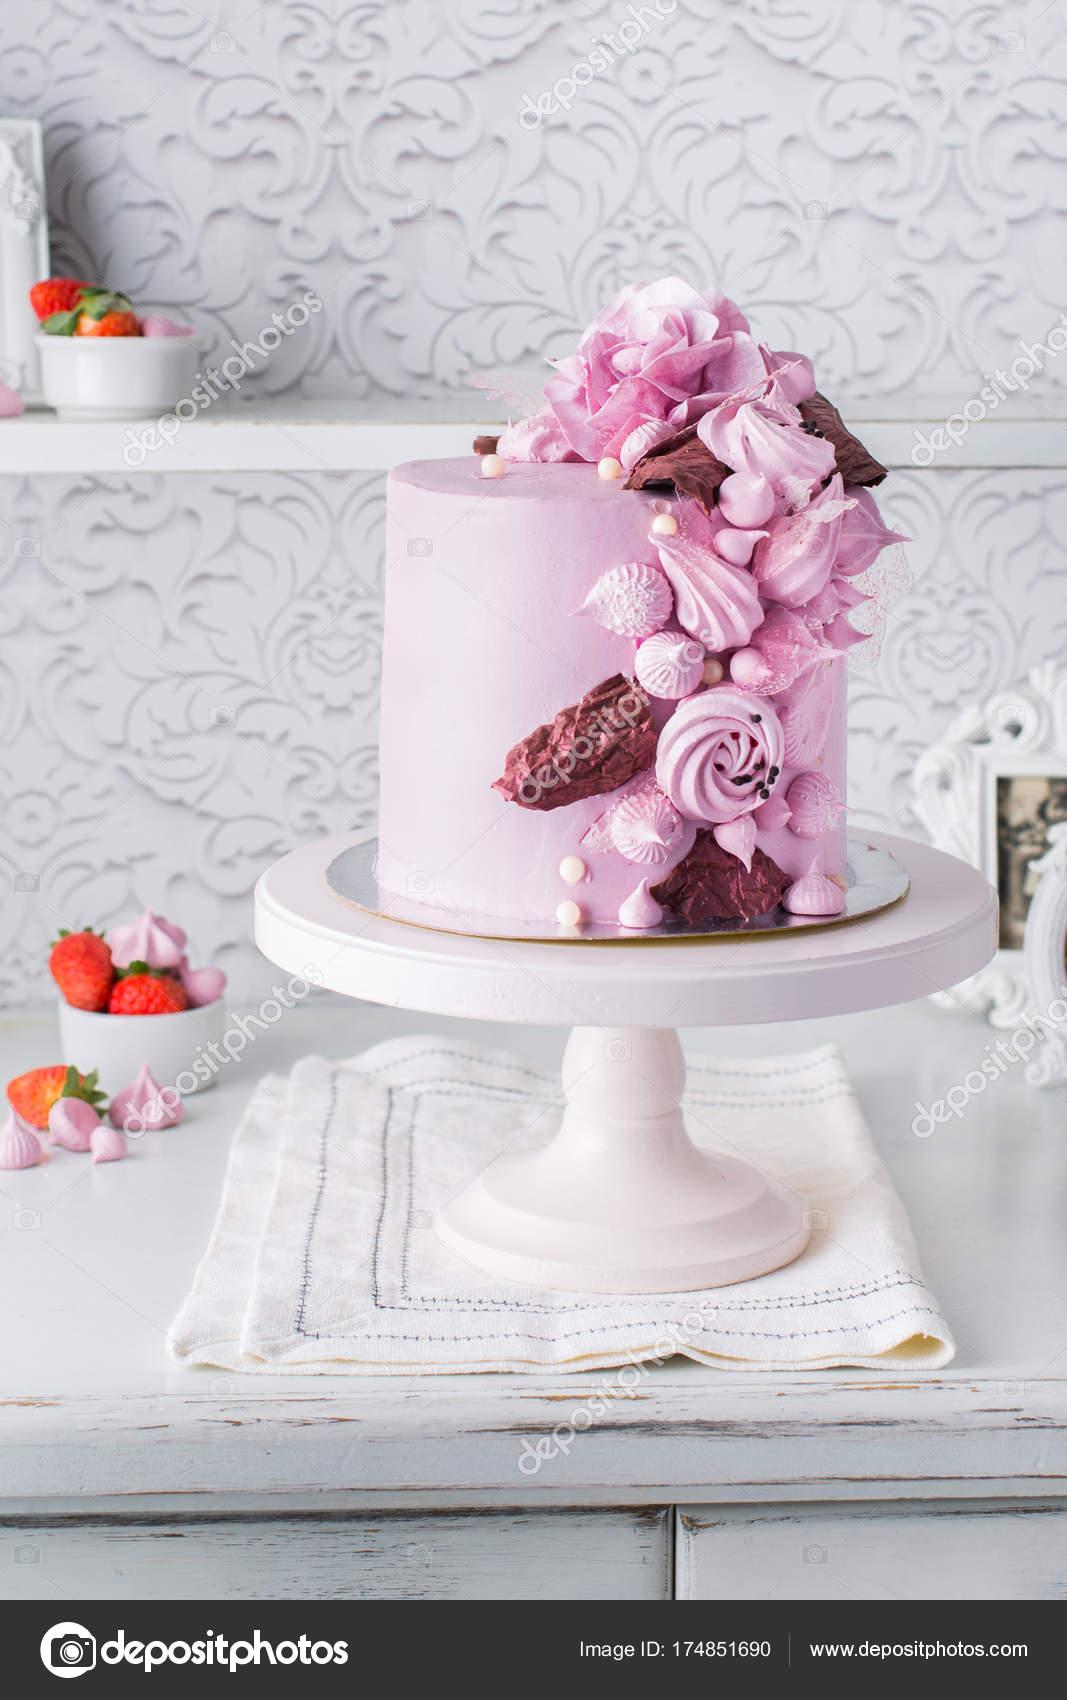 Beautiful Chocolate Cake Cheese Cream Meringues Chocolate Flowers ...